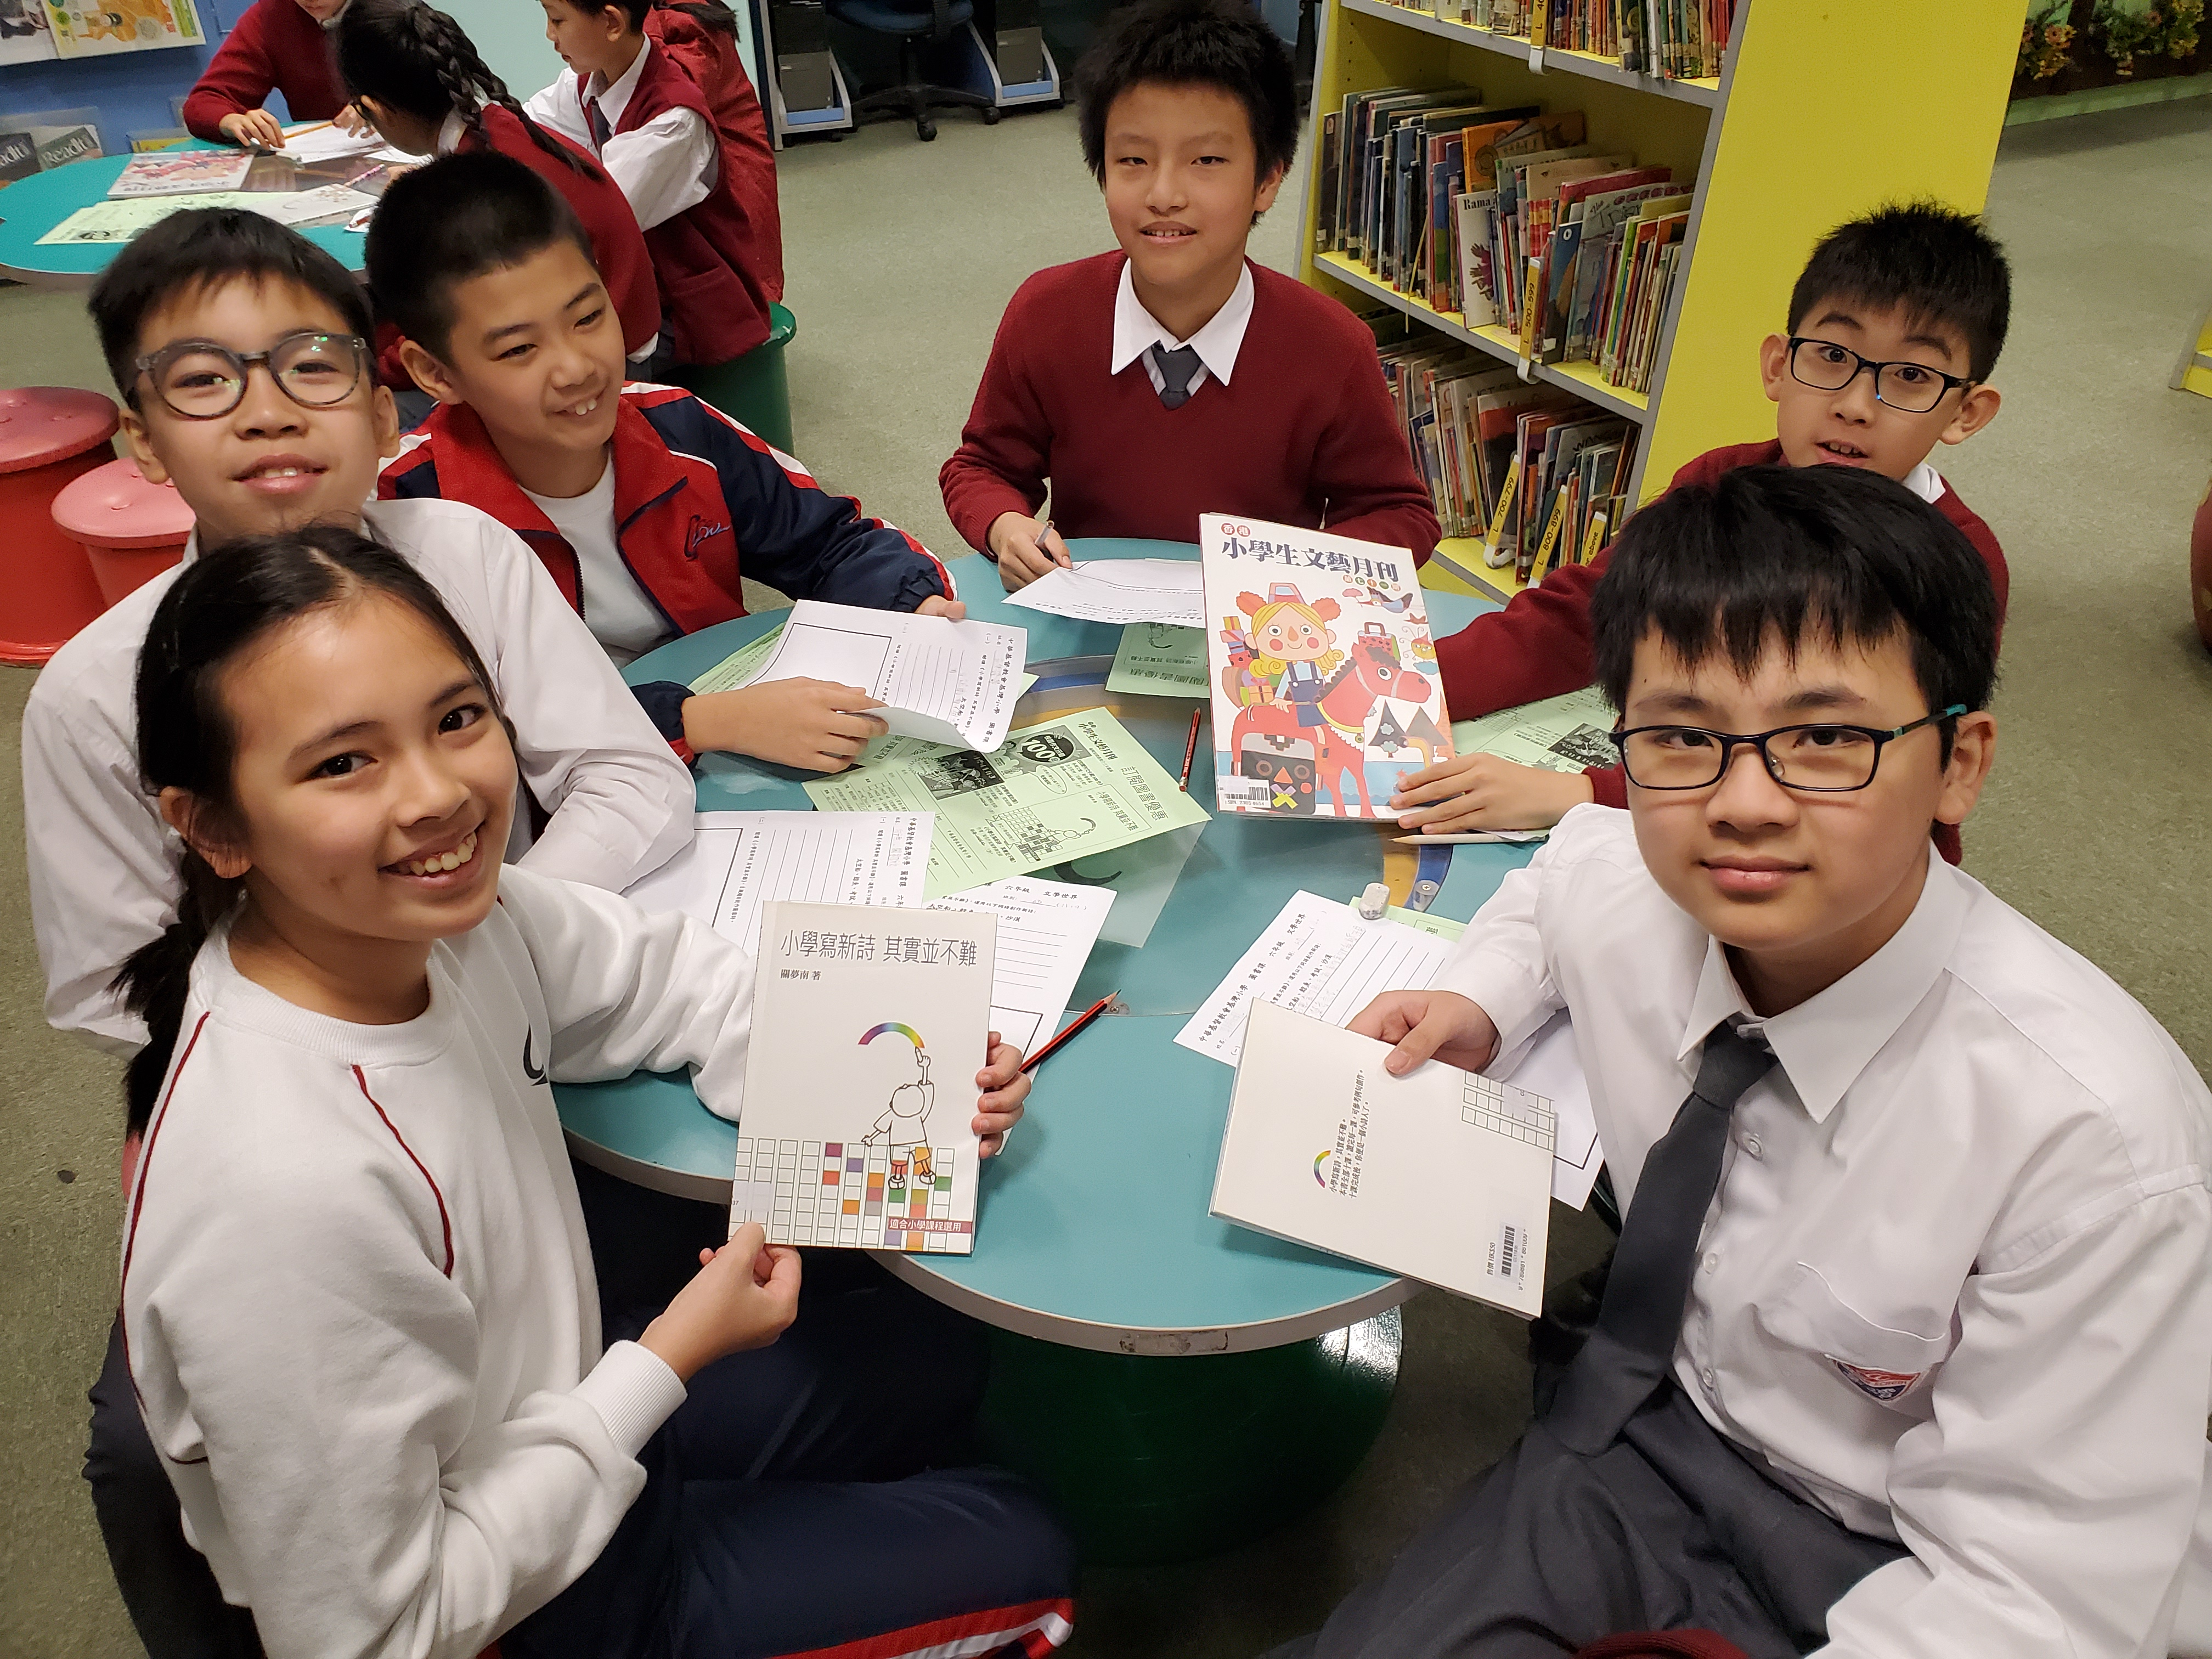 http://www.keiwan.edu.hk/sites/default/files/20191216_112435.jpg